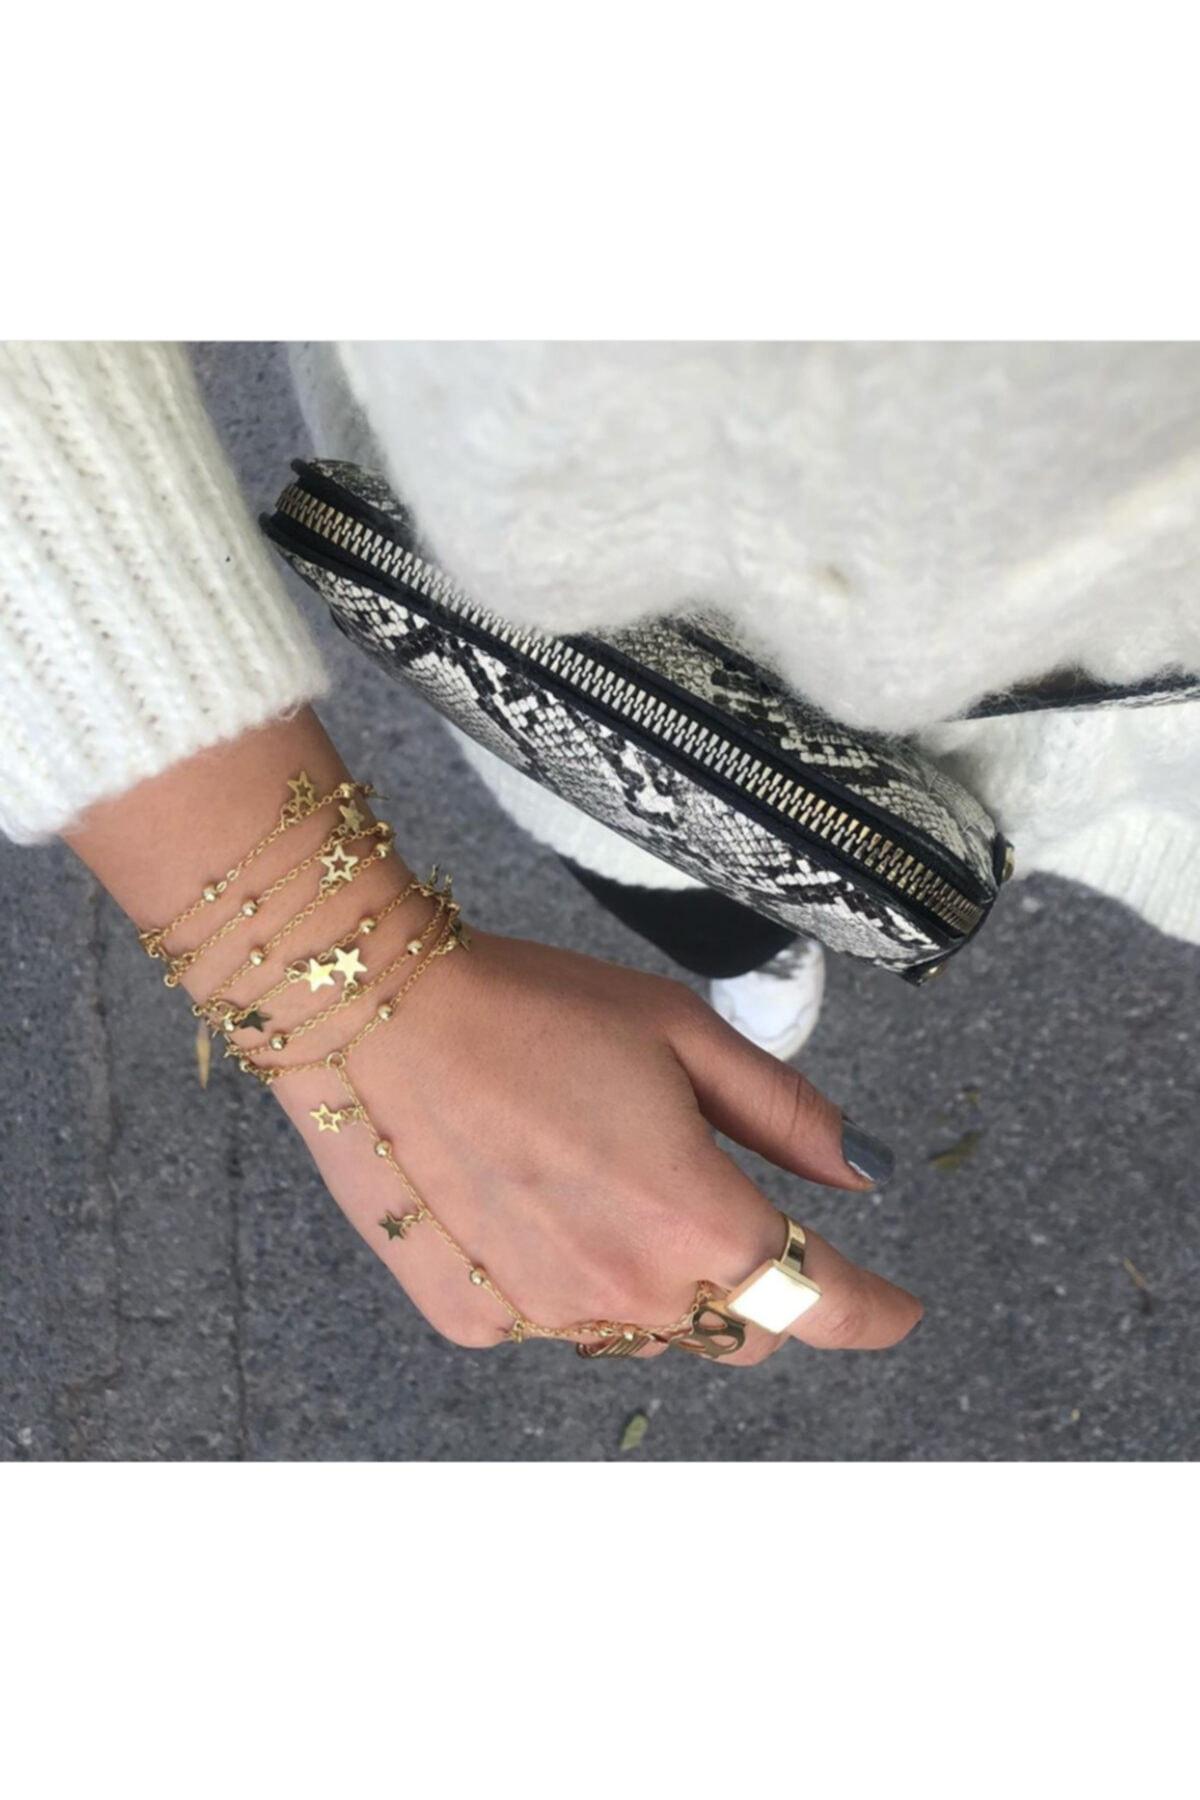 pop up store Kadın Gold Yıldız Detay Dolama Zincir El Aksesuarı 1